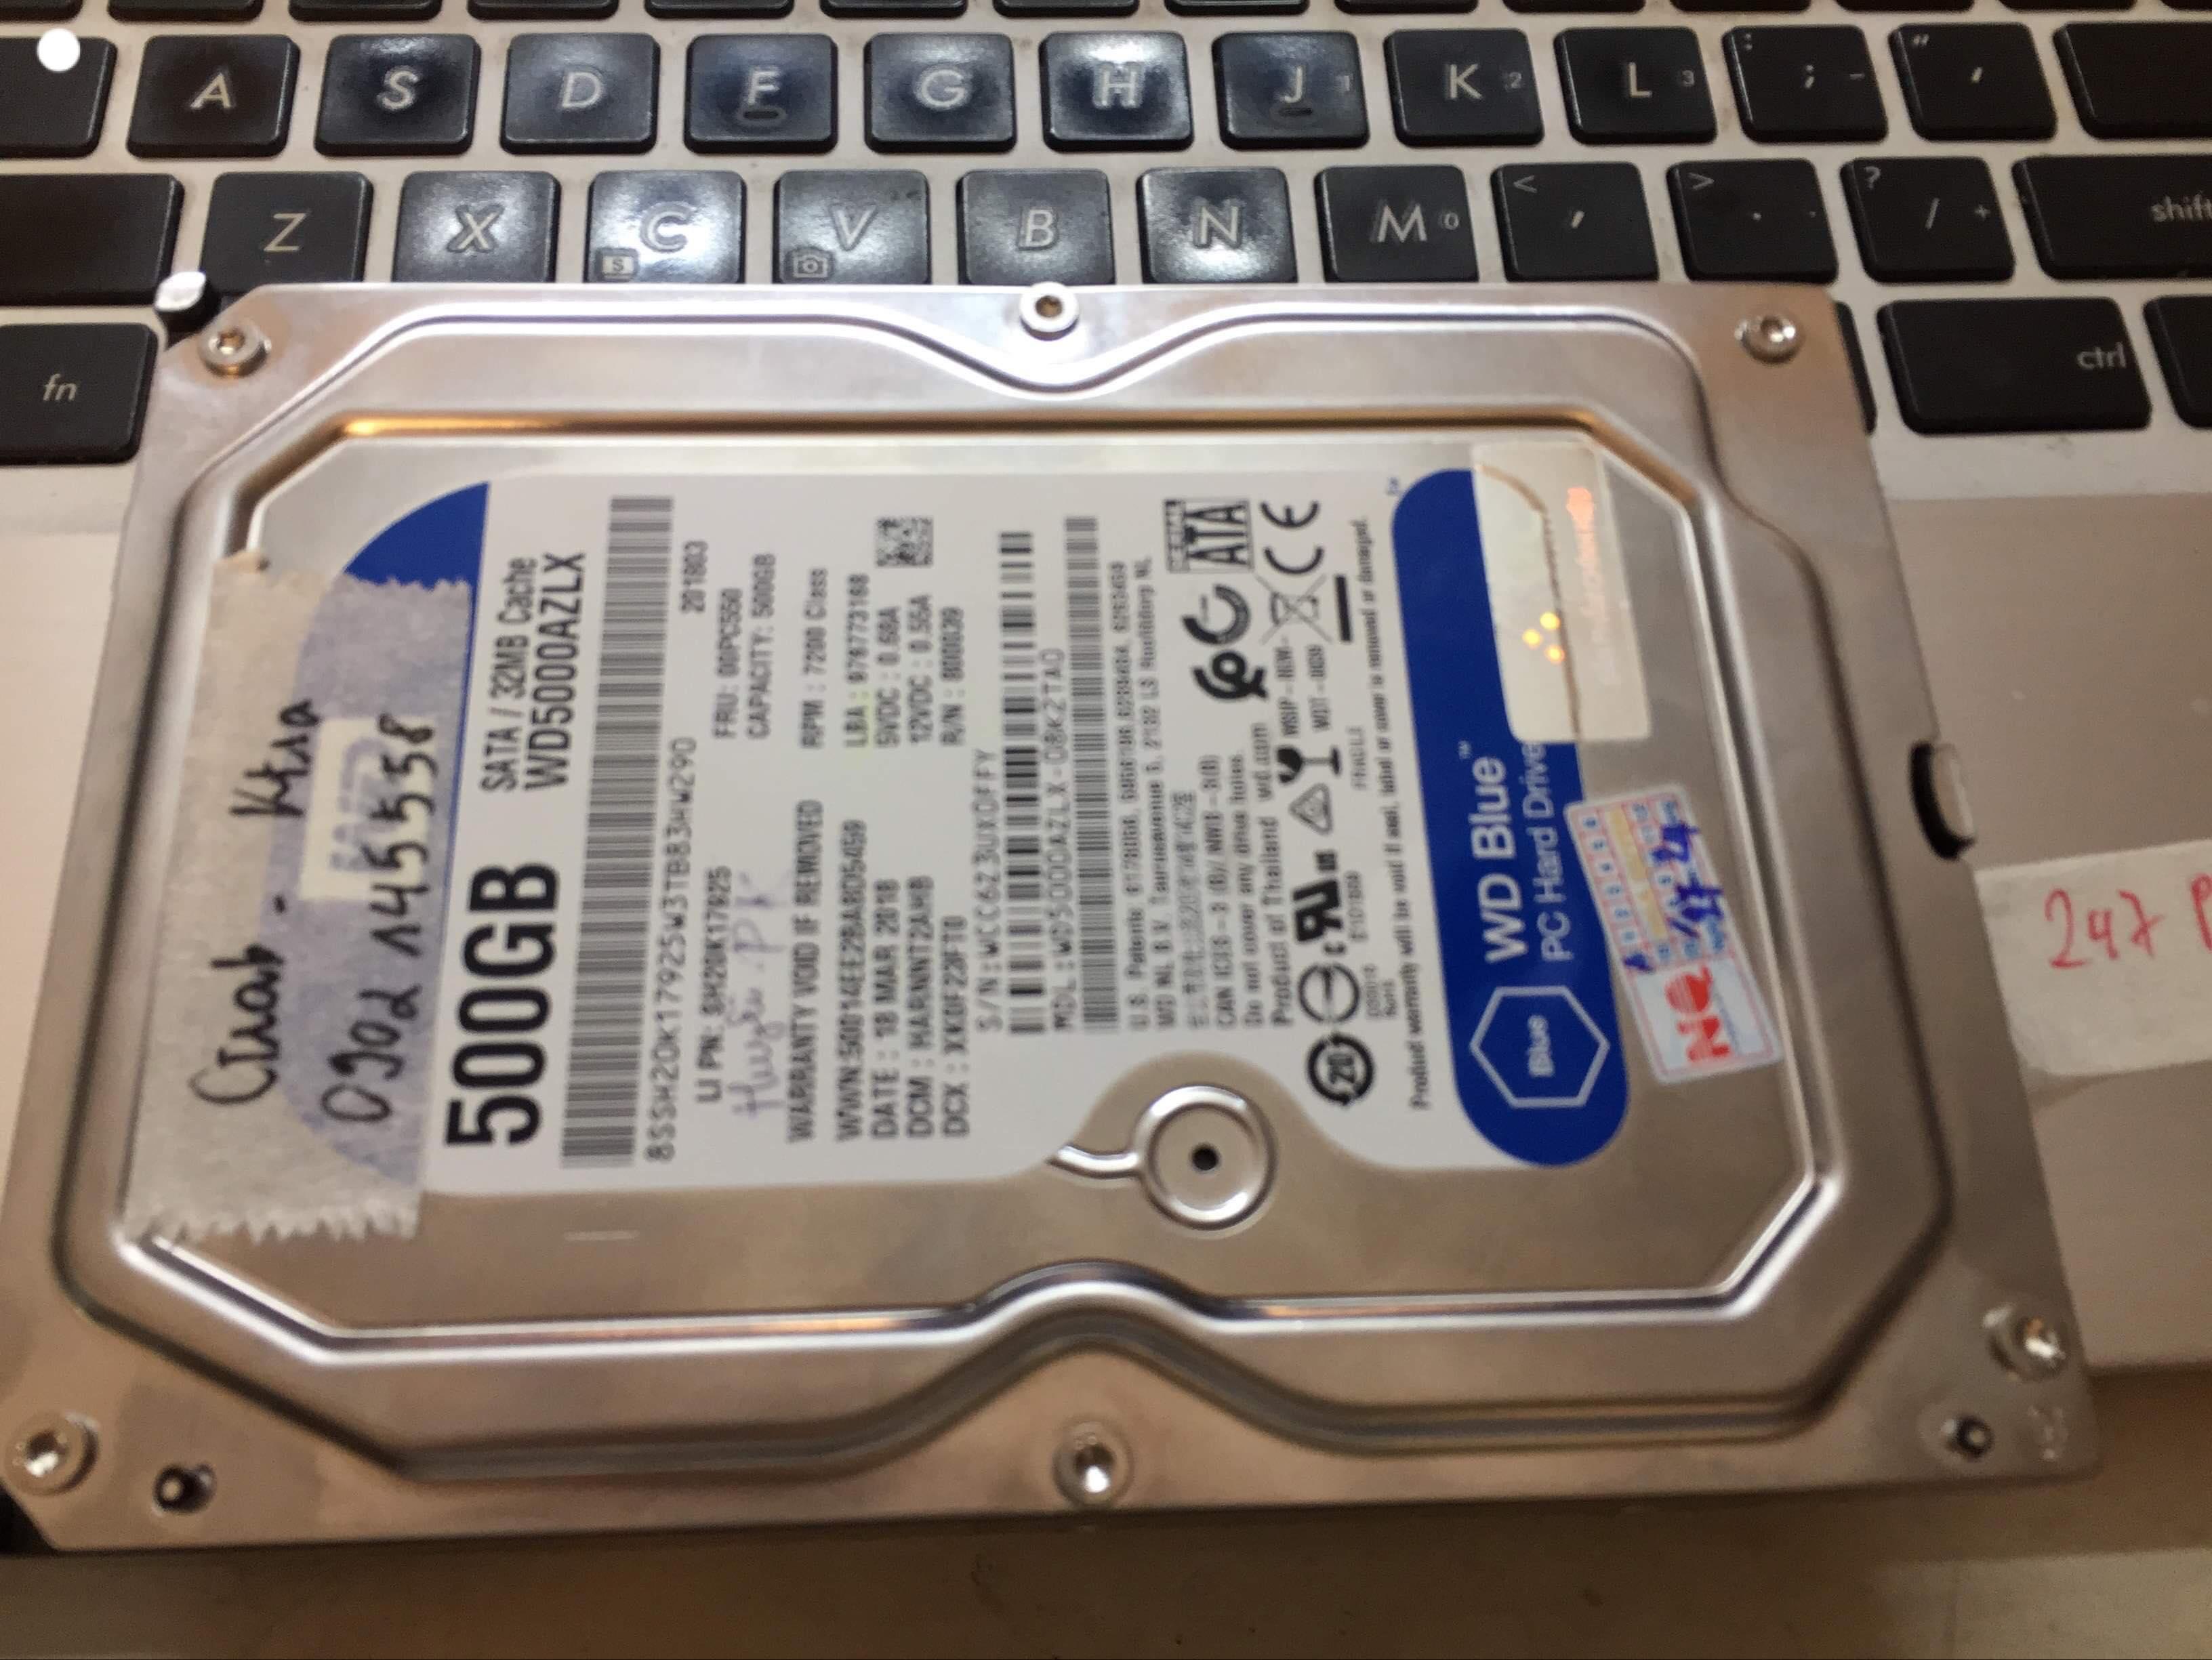 Cứu dữ liệu ổ cứng Western 500GB lỗi đầu đọc 26/04/2019 - cuumaytinh